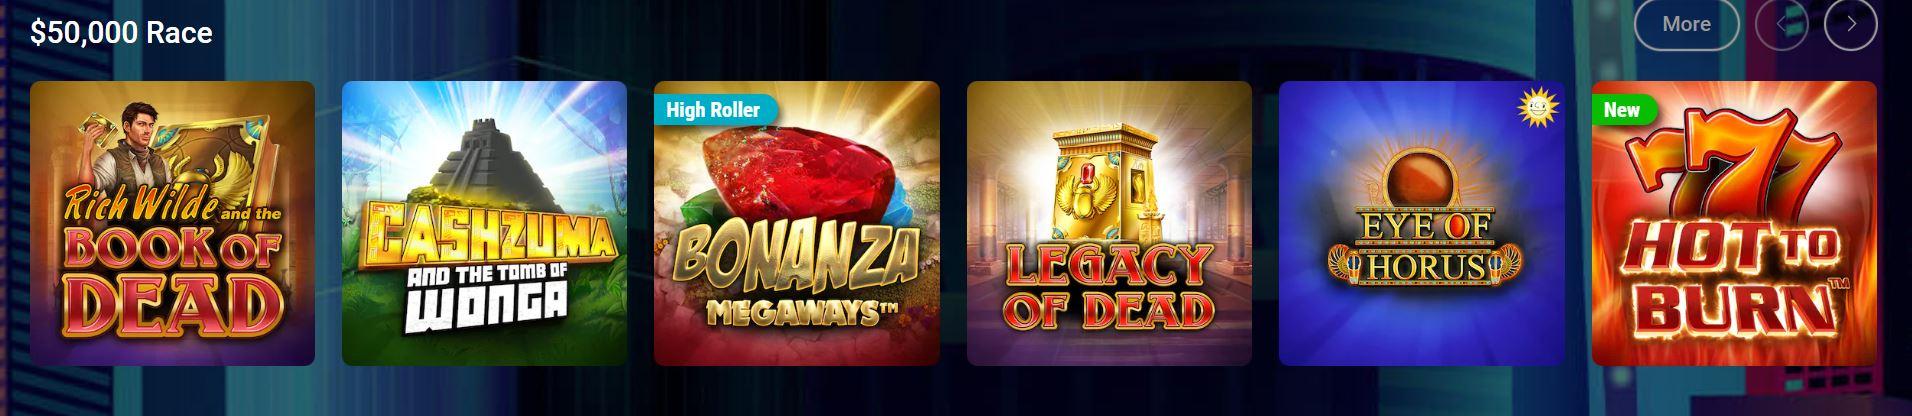 Los juegos de slots son los favoritos de pokerstars casino.